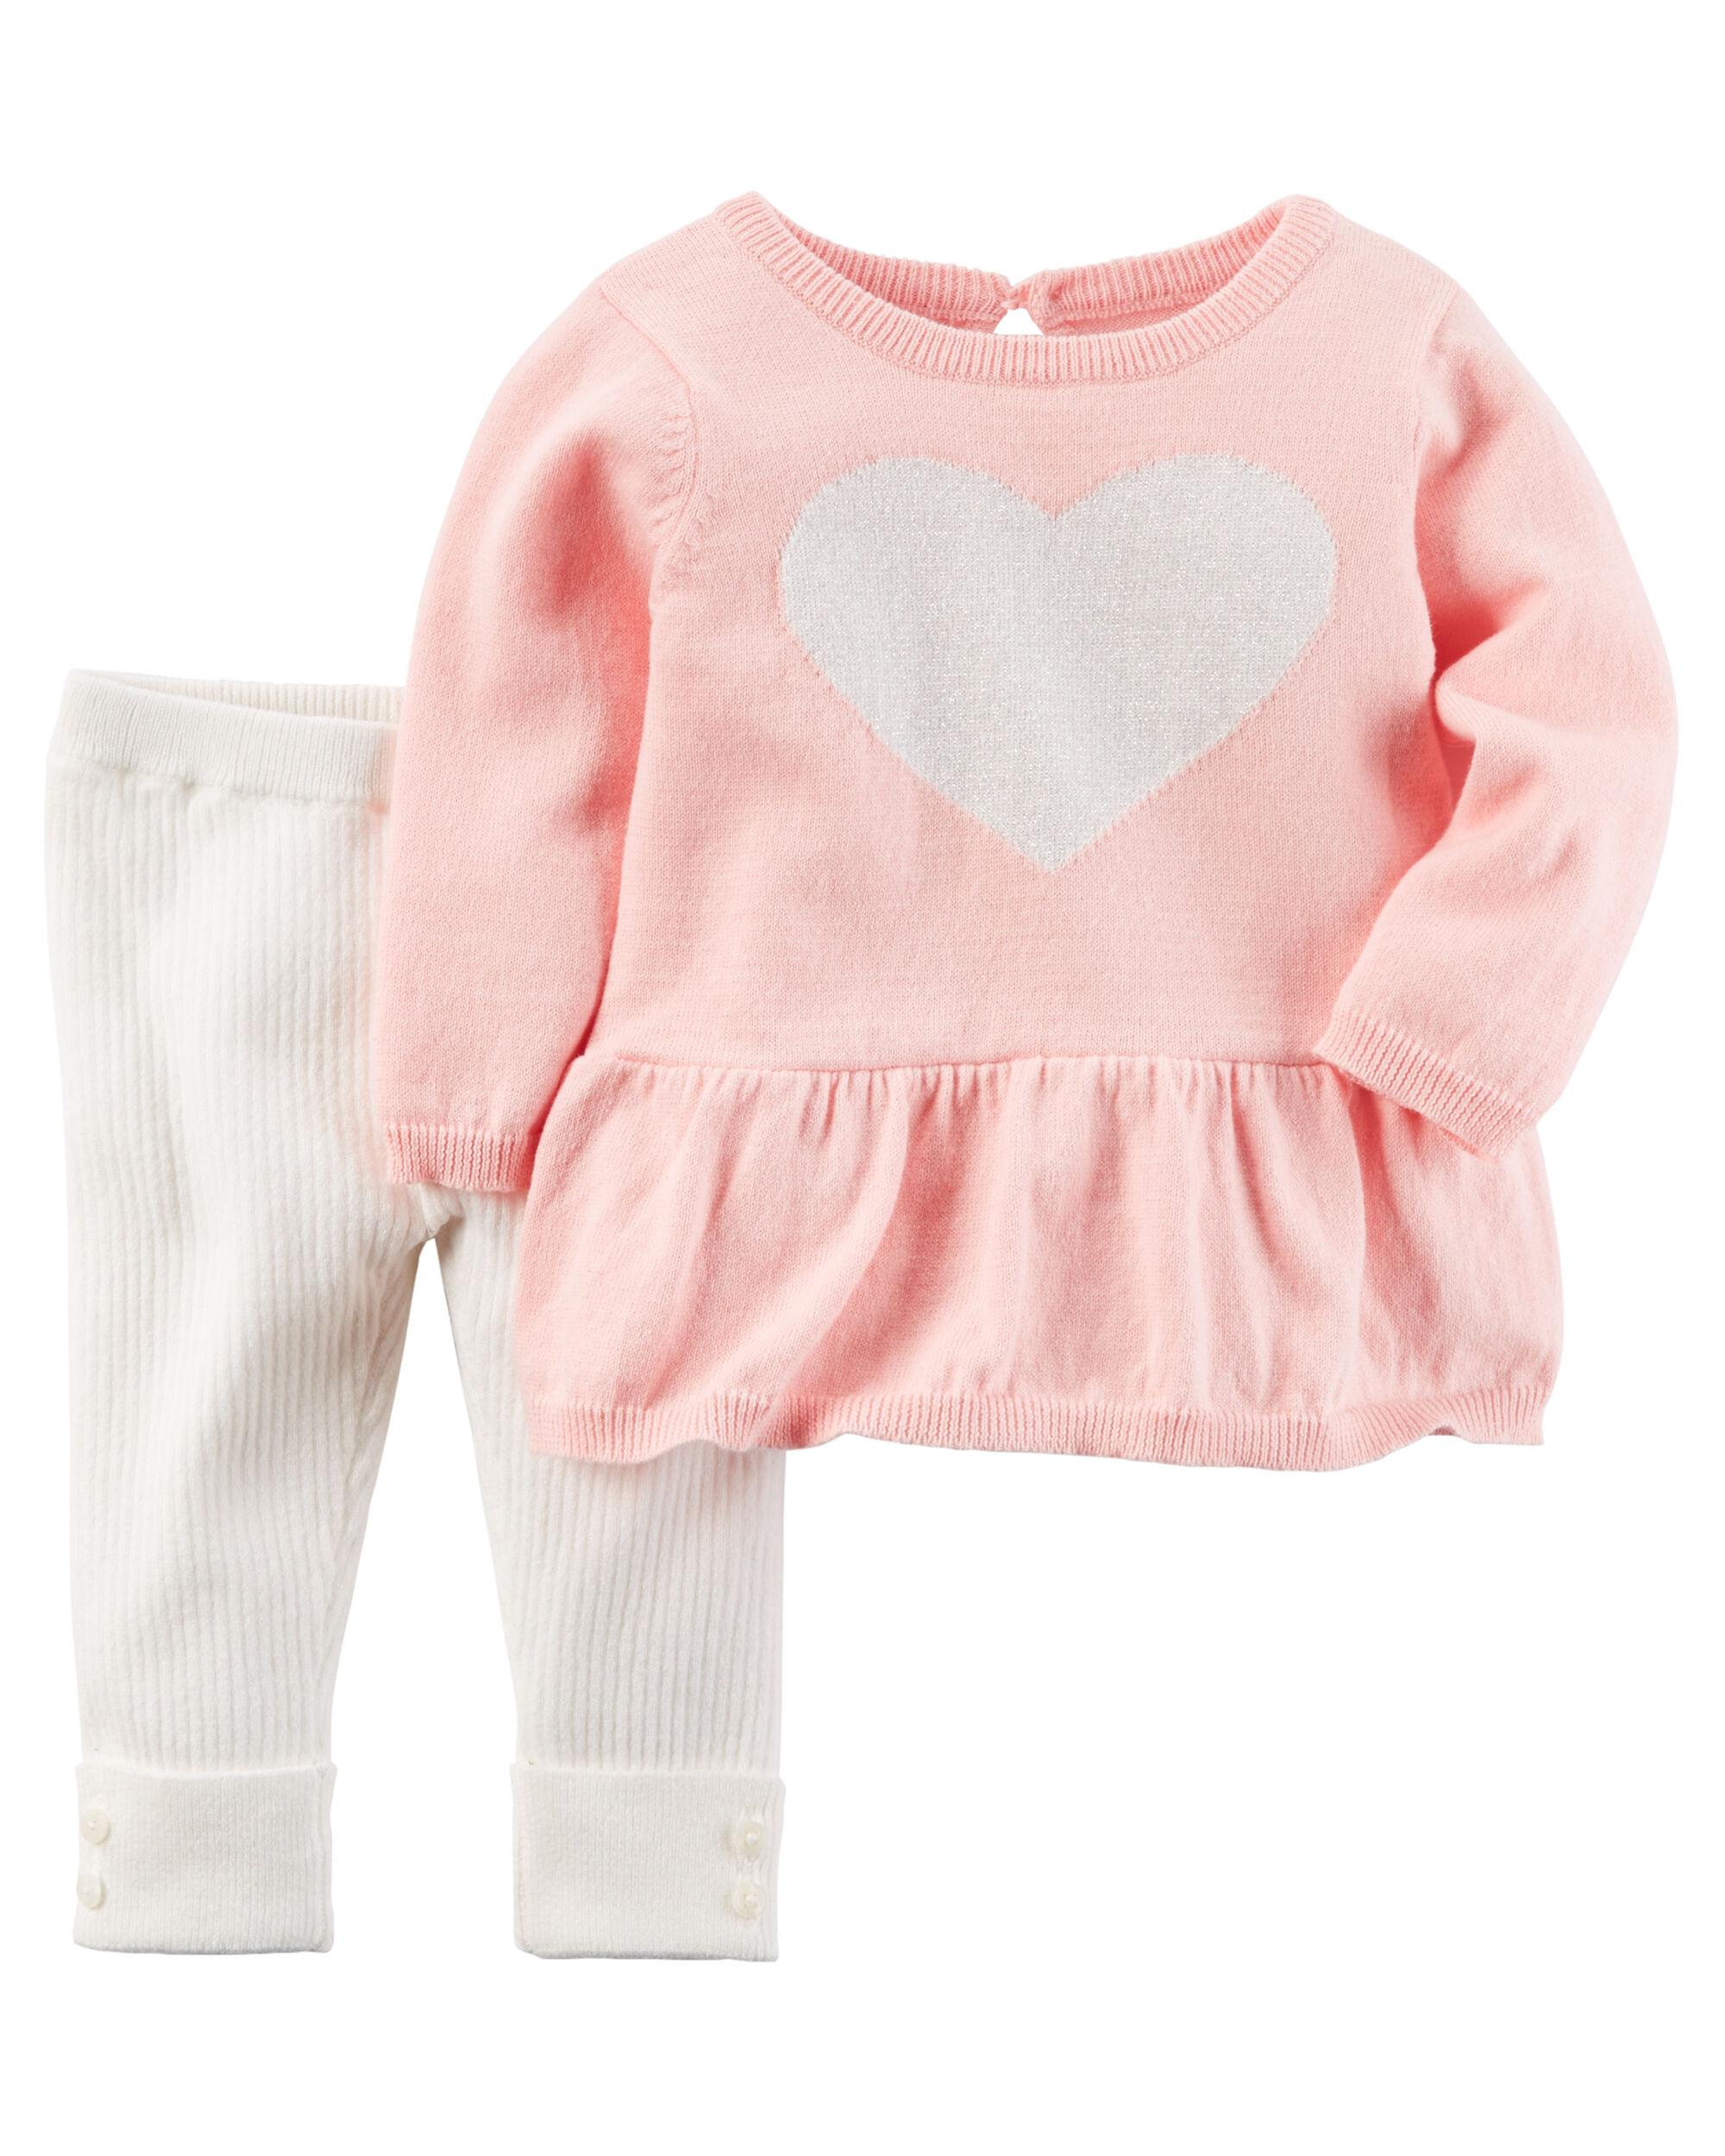 2-Piece Little Sweater Set | Carters.com